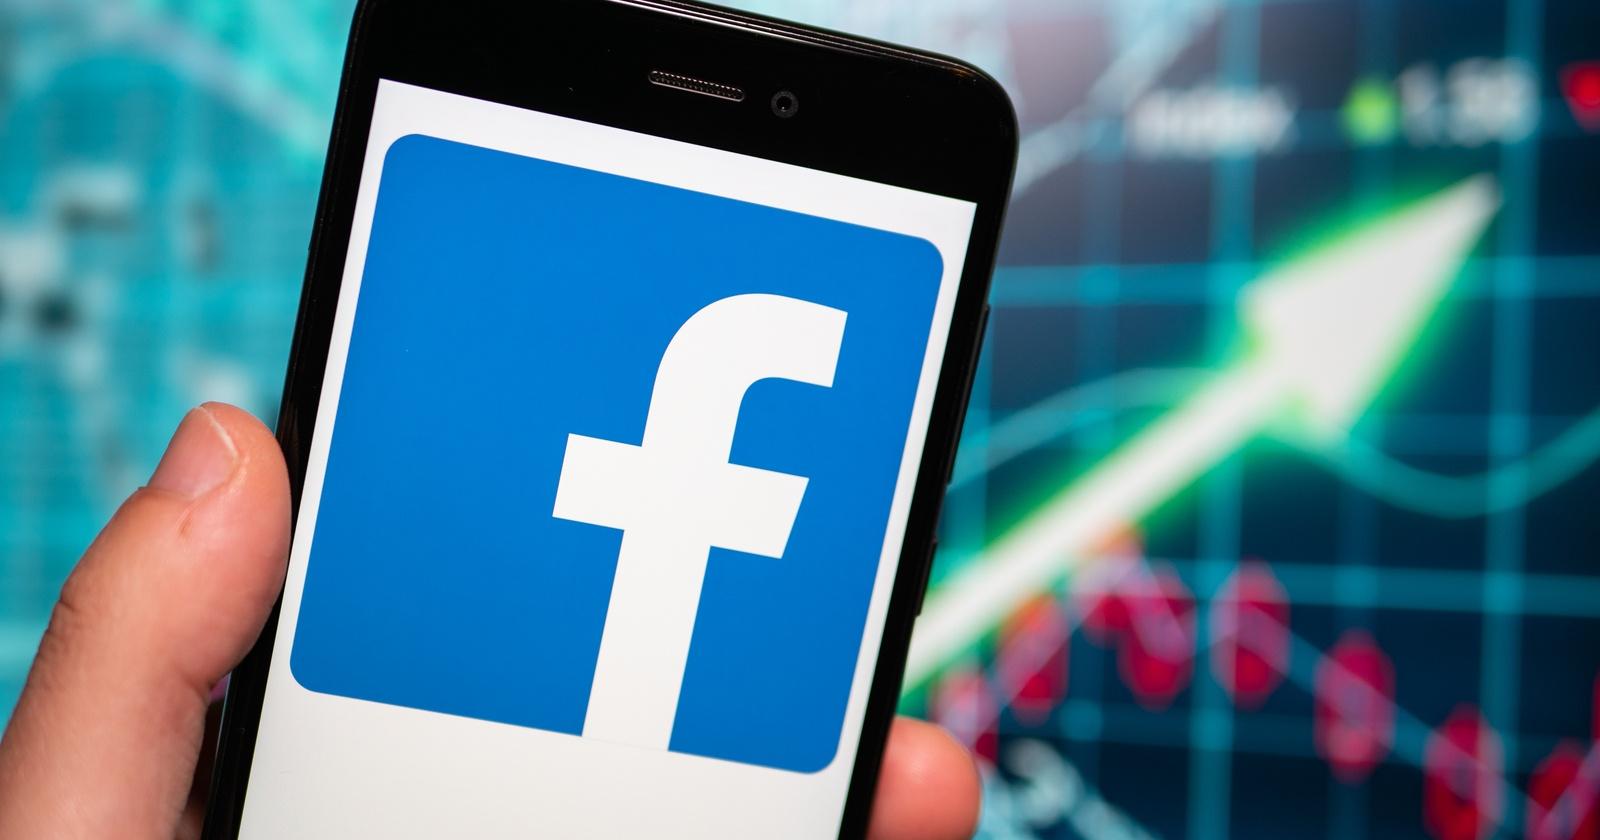 Facebook détecte les intérêts des utilisateurs 27% du temps [STUDY]